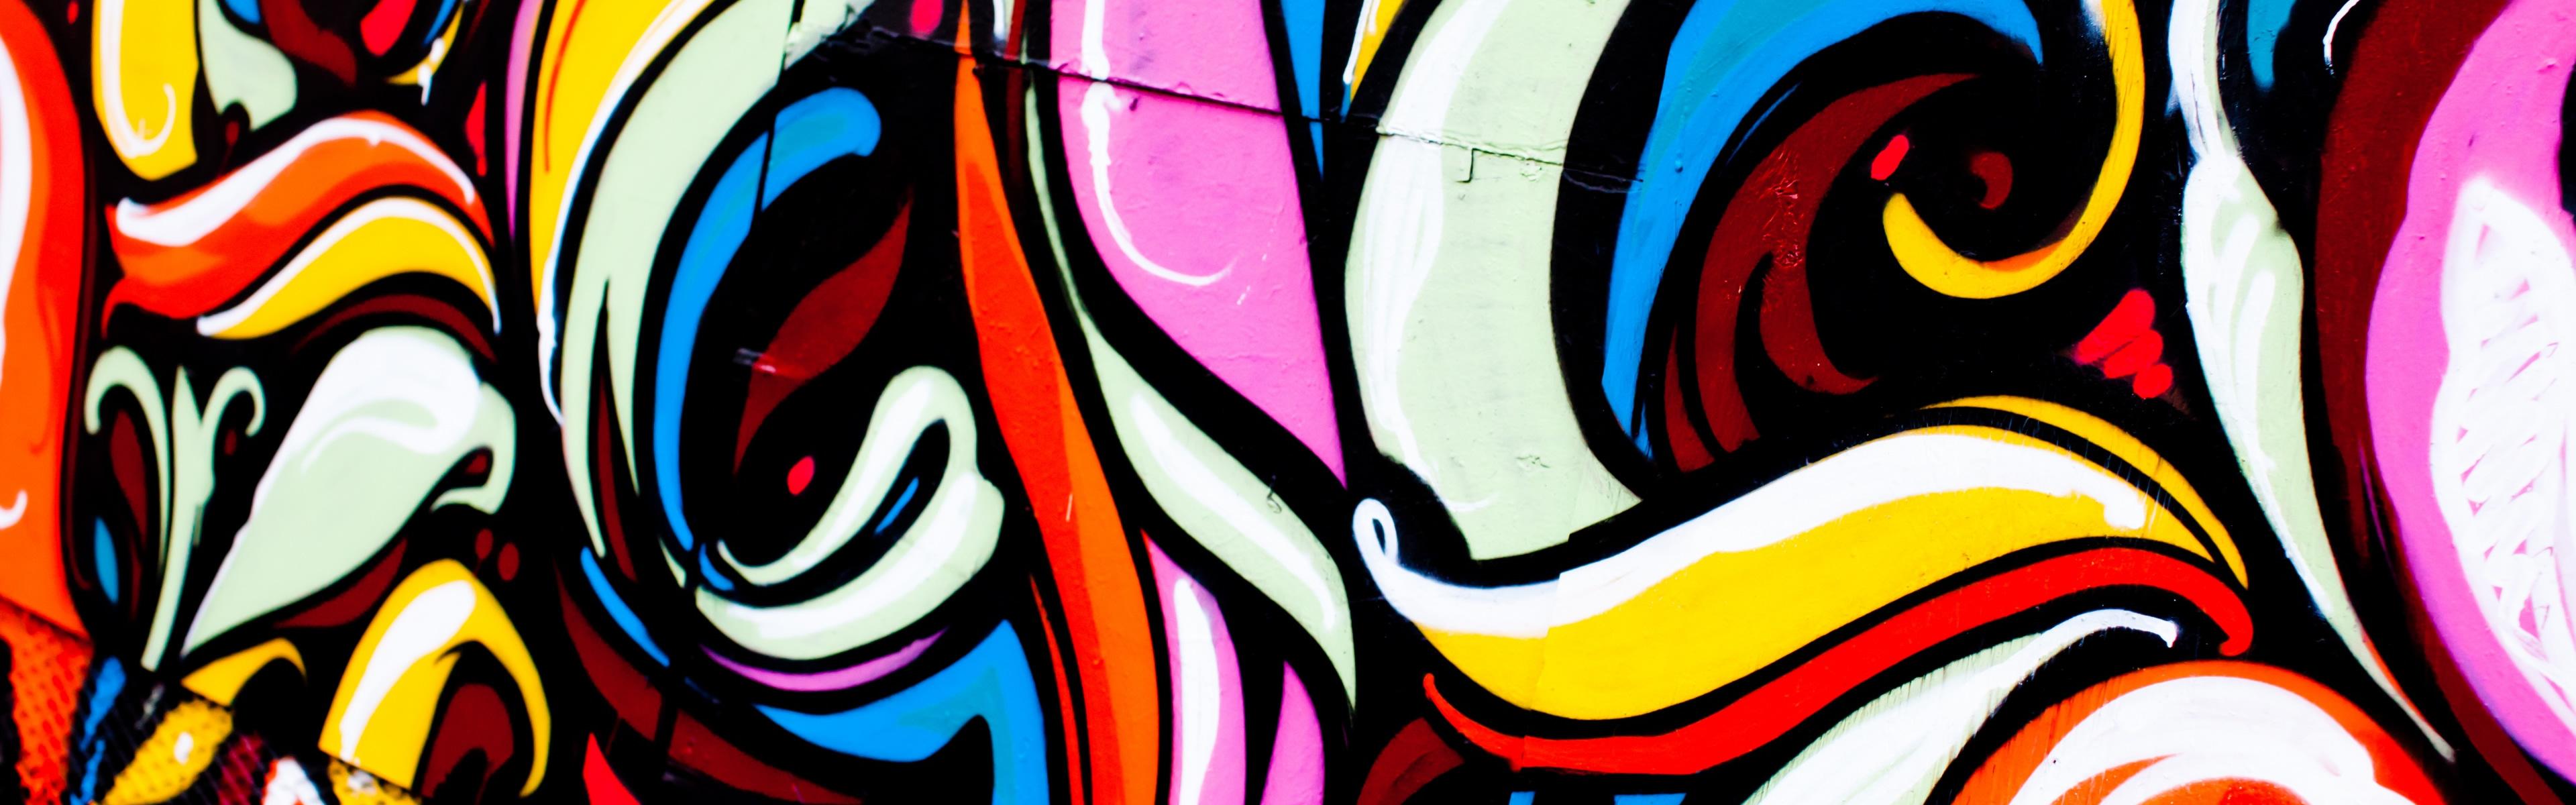 Graffiti art wallpaper iphone - Art Of Graffiti Iphone Panoramic Wallpaper Download Ipad Wallpapers